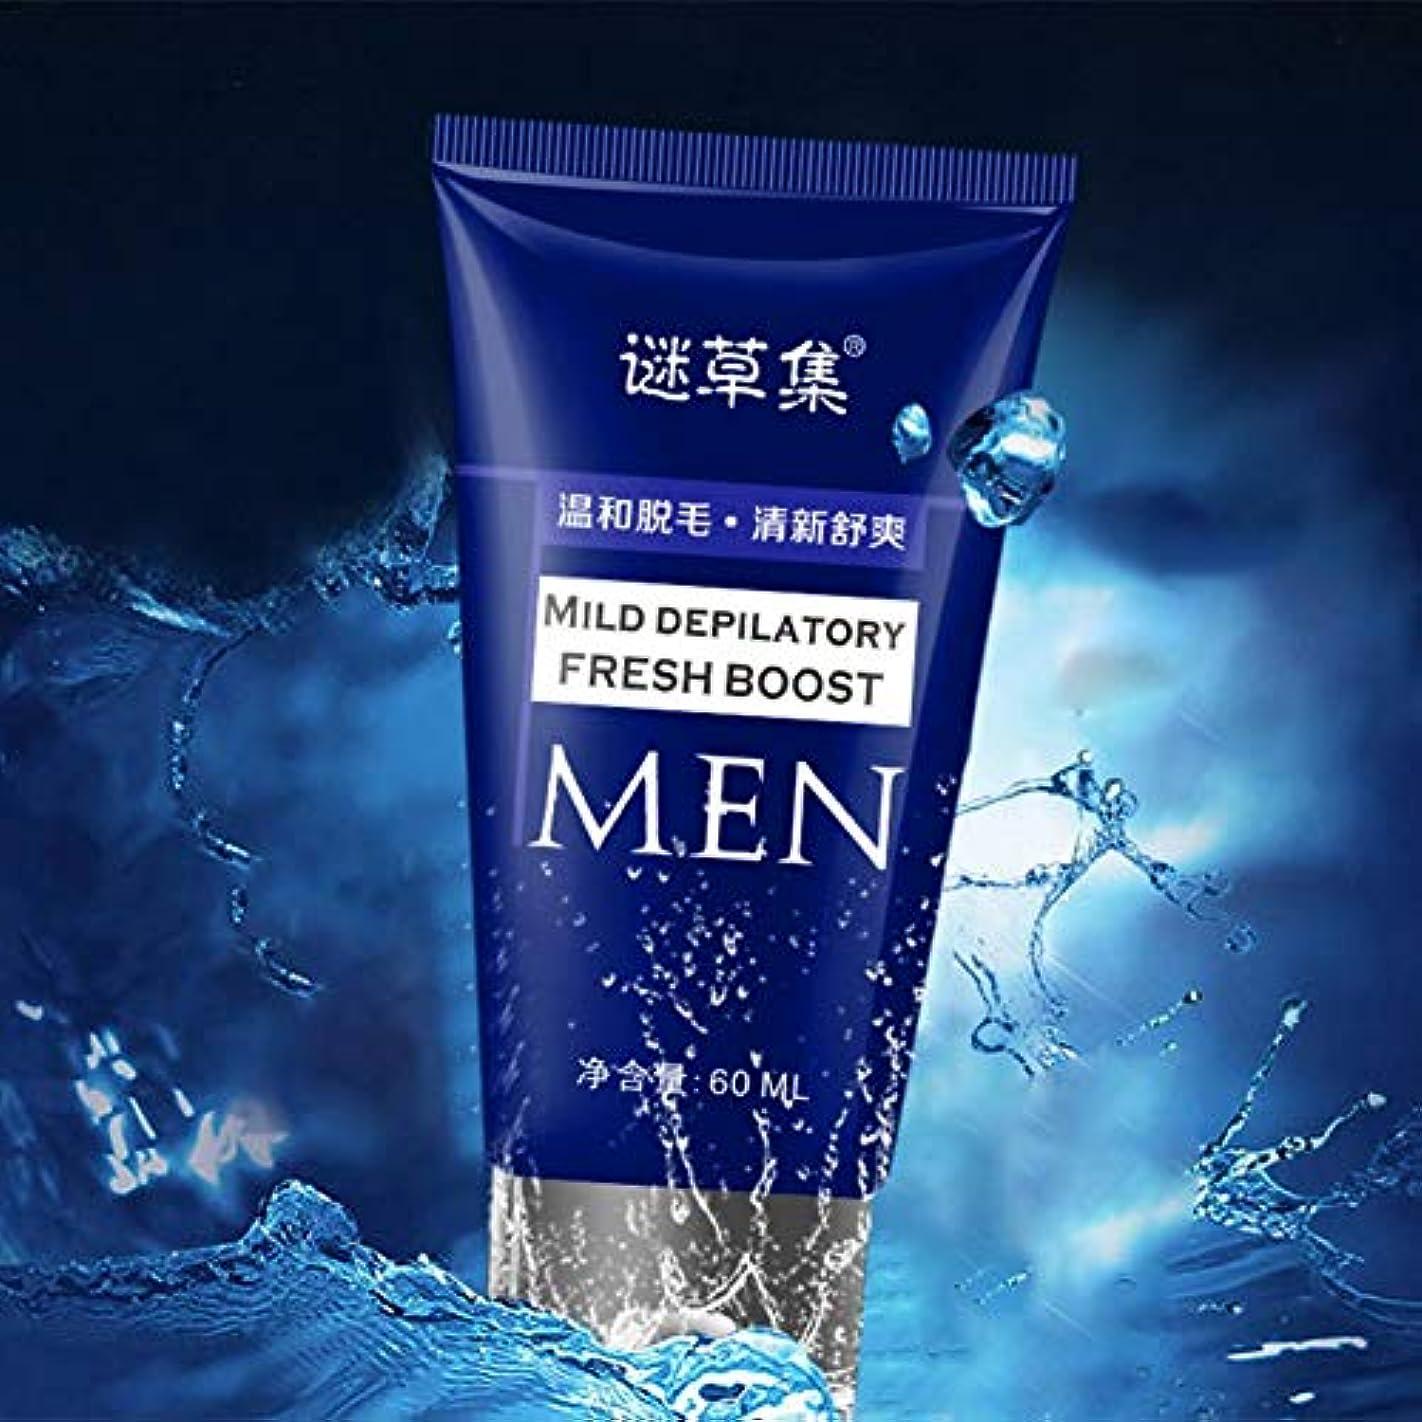 亜熱帯ウッズ戦い60ml 薬用除毛剤 除毛 脱毛クリーム 無痛無害 メンズ 敏感肌用 すべての肌タイプ 使用可能